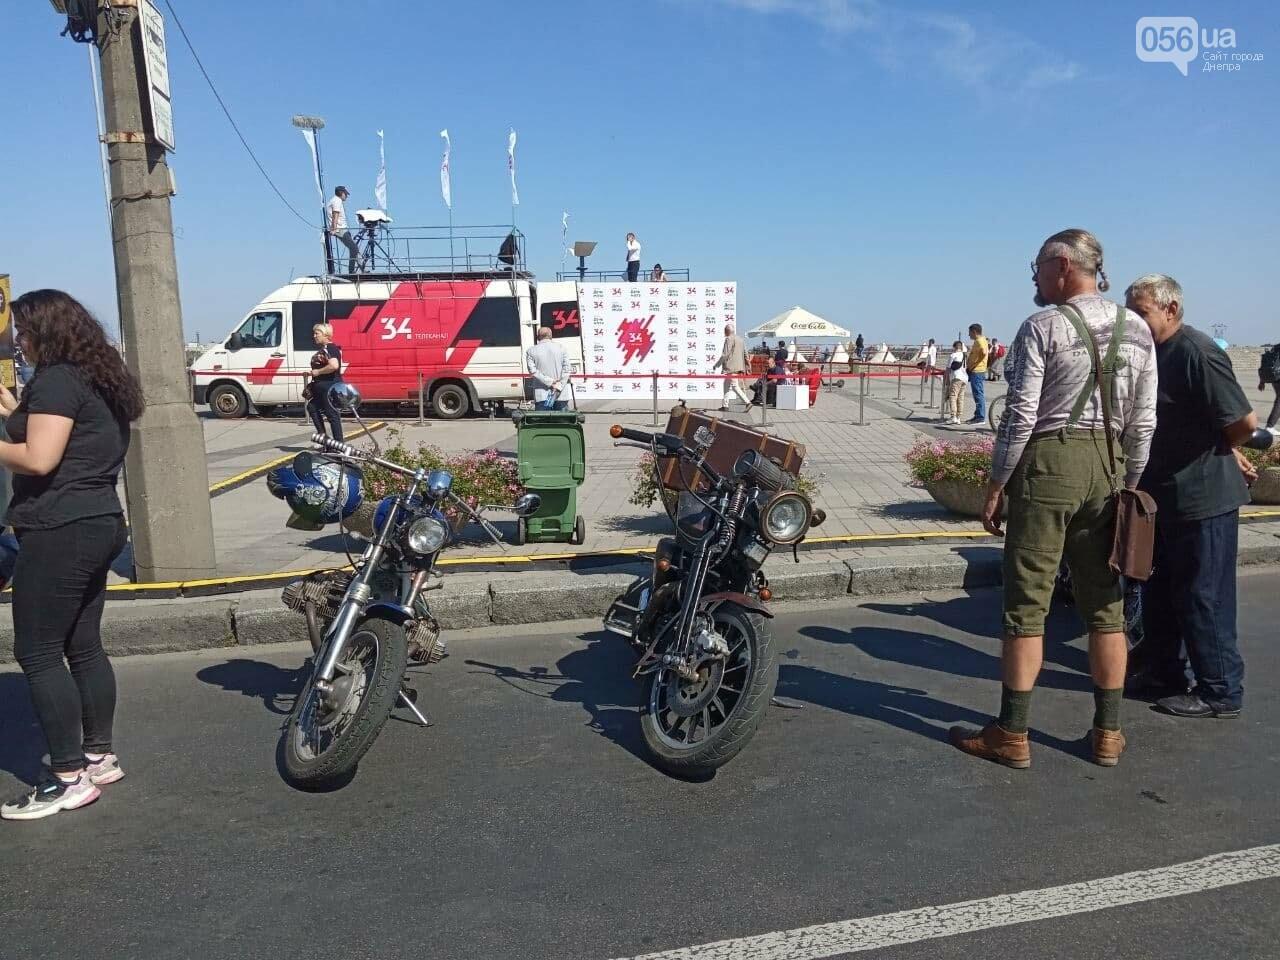 В Днепре байкеры сезон закрыли, но мотоциклы в гараж не поставили, - ФОТО, ВИДЕО, фото-13